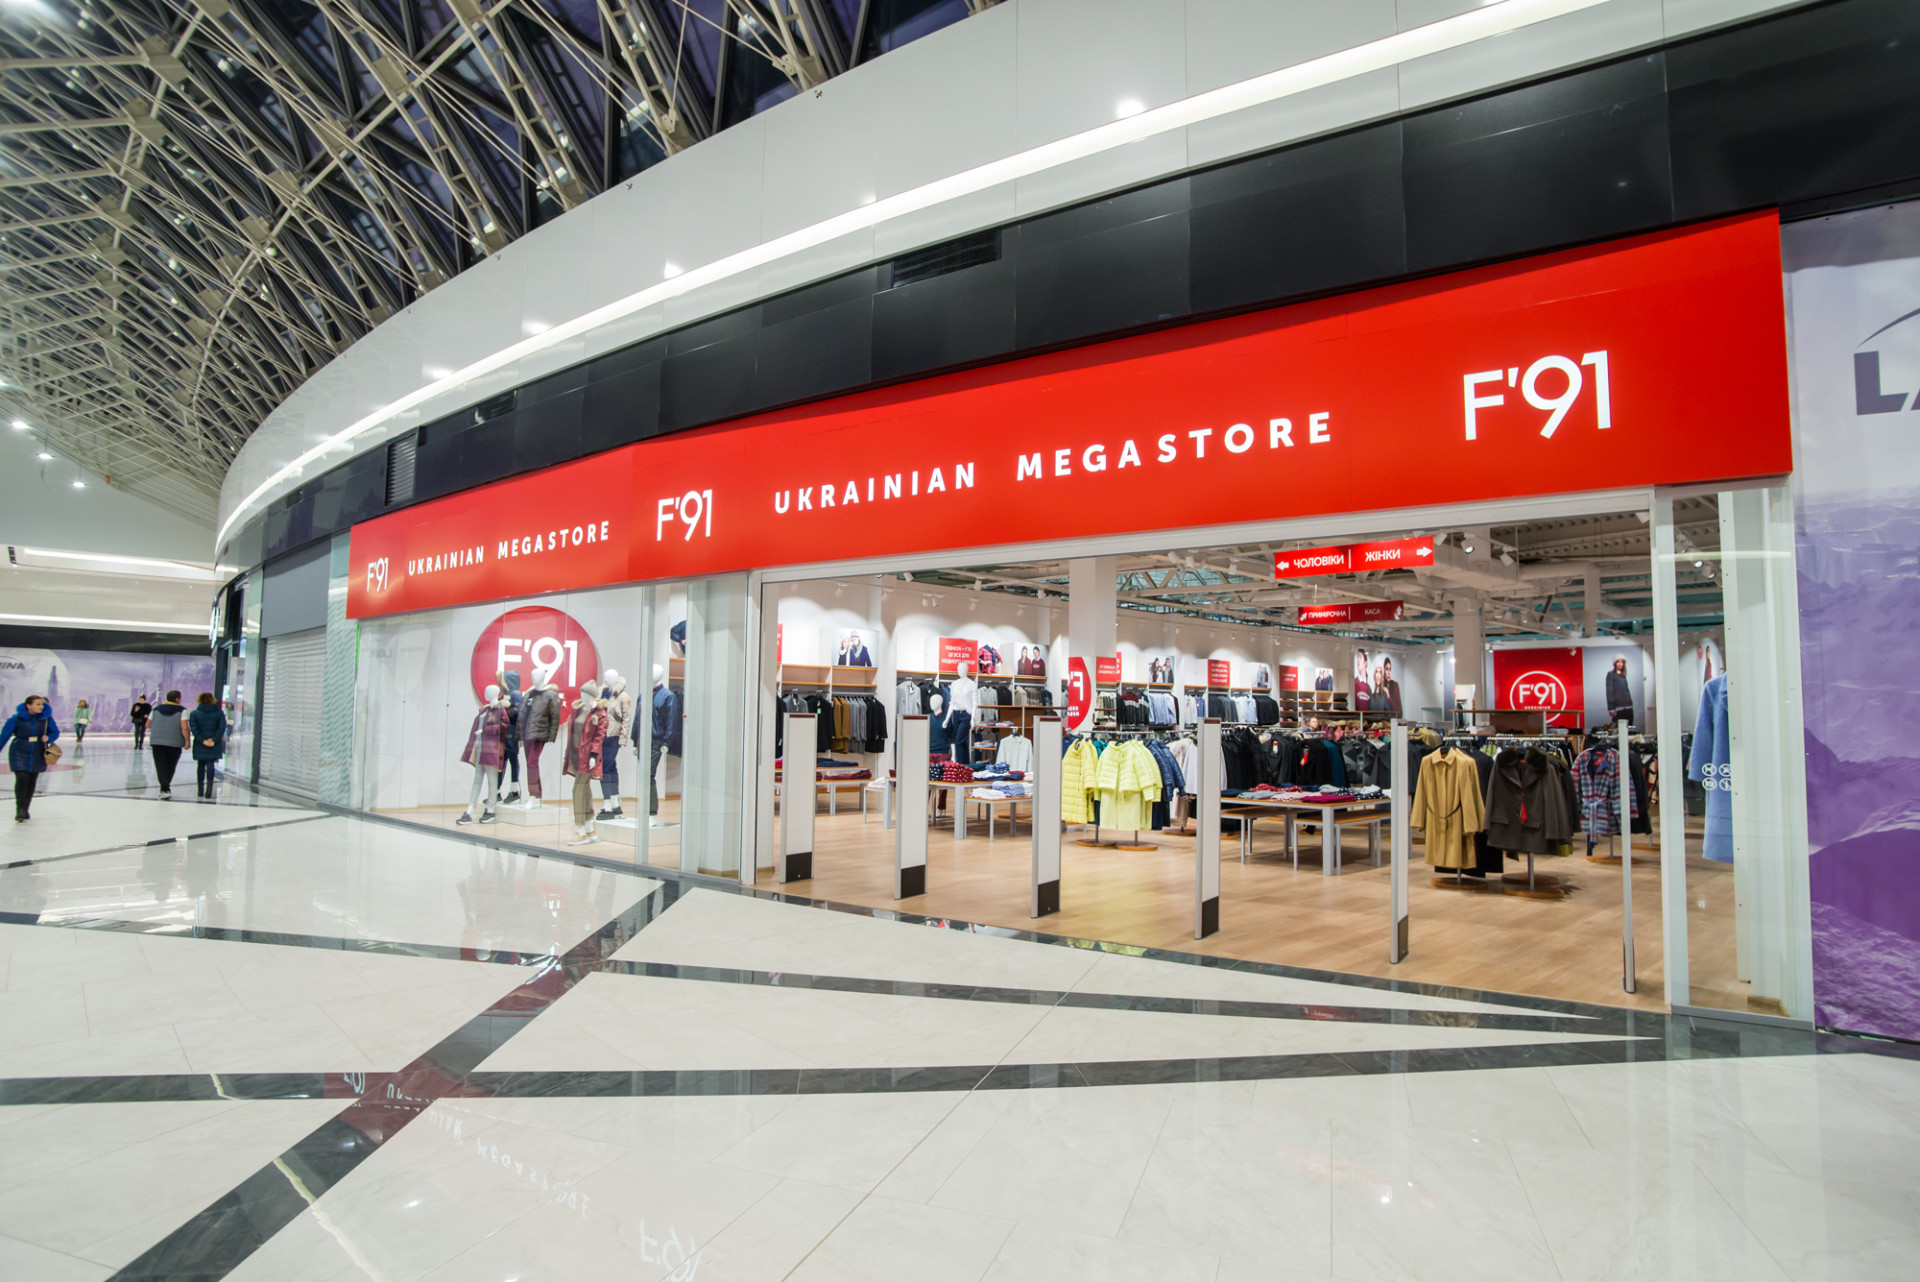 7160fe8fd831 ... Arber Fashion Group – один из крупнейших вертикально-интегрированных  fashion-холдингов в Украине. Компания представлена торговой сетью с более  чем 110 ...